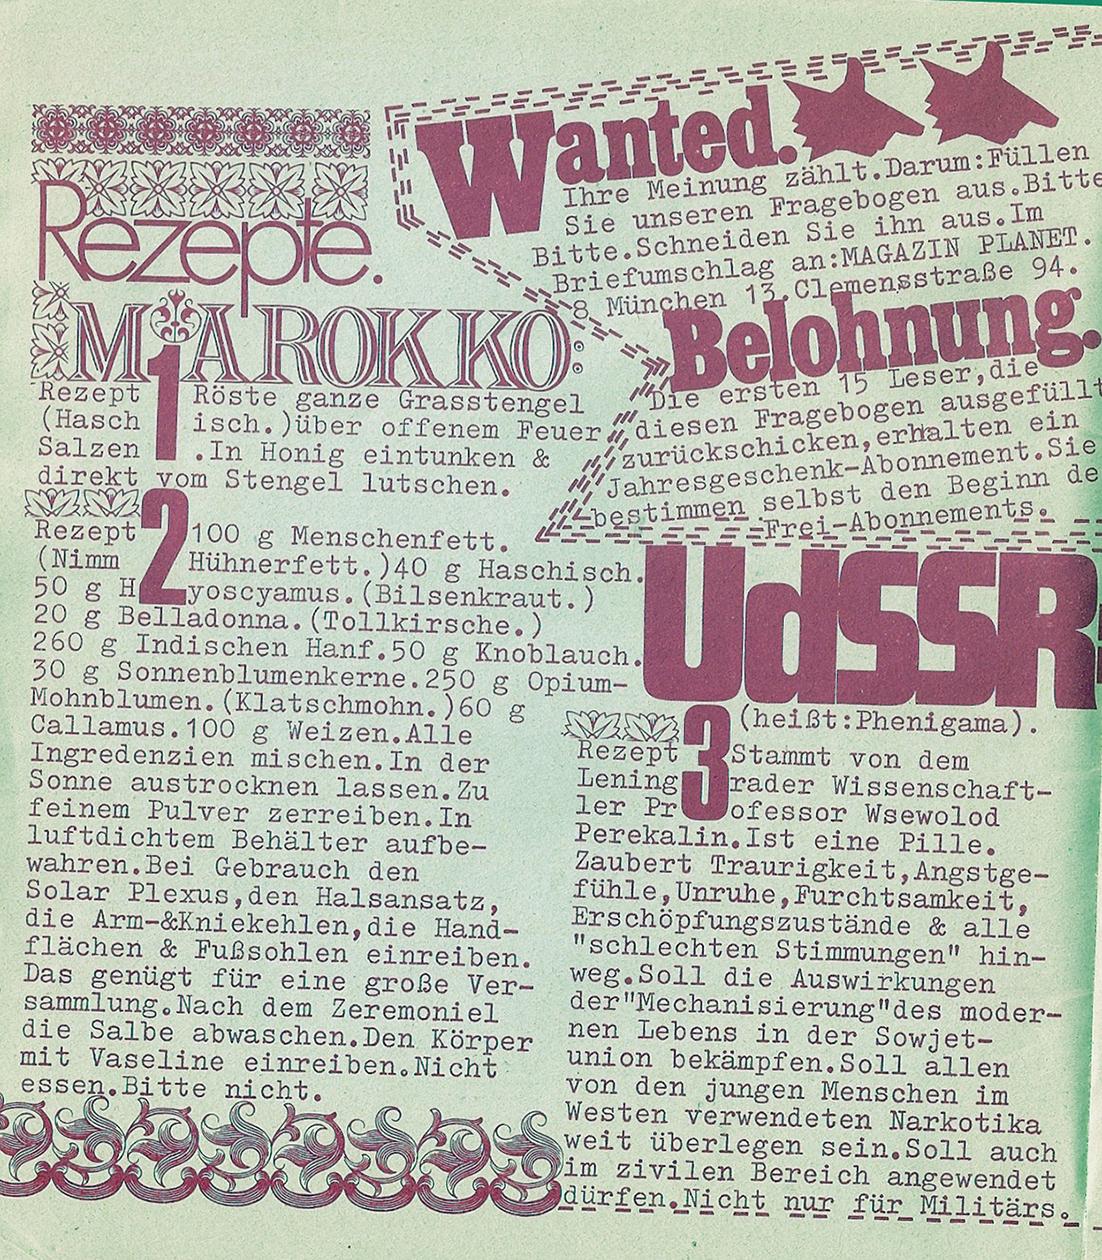 Leserbefragung Planet Magazin Juni 1970